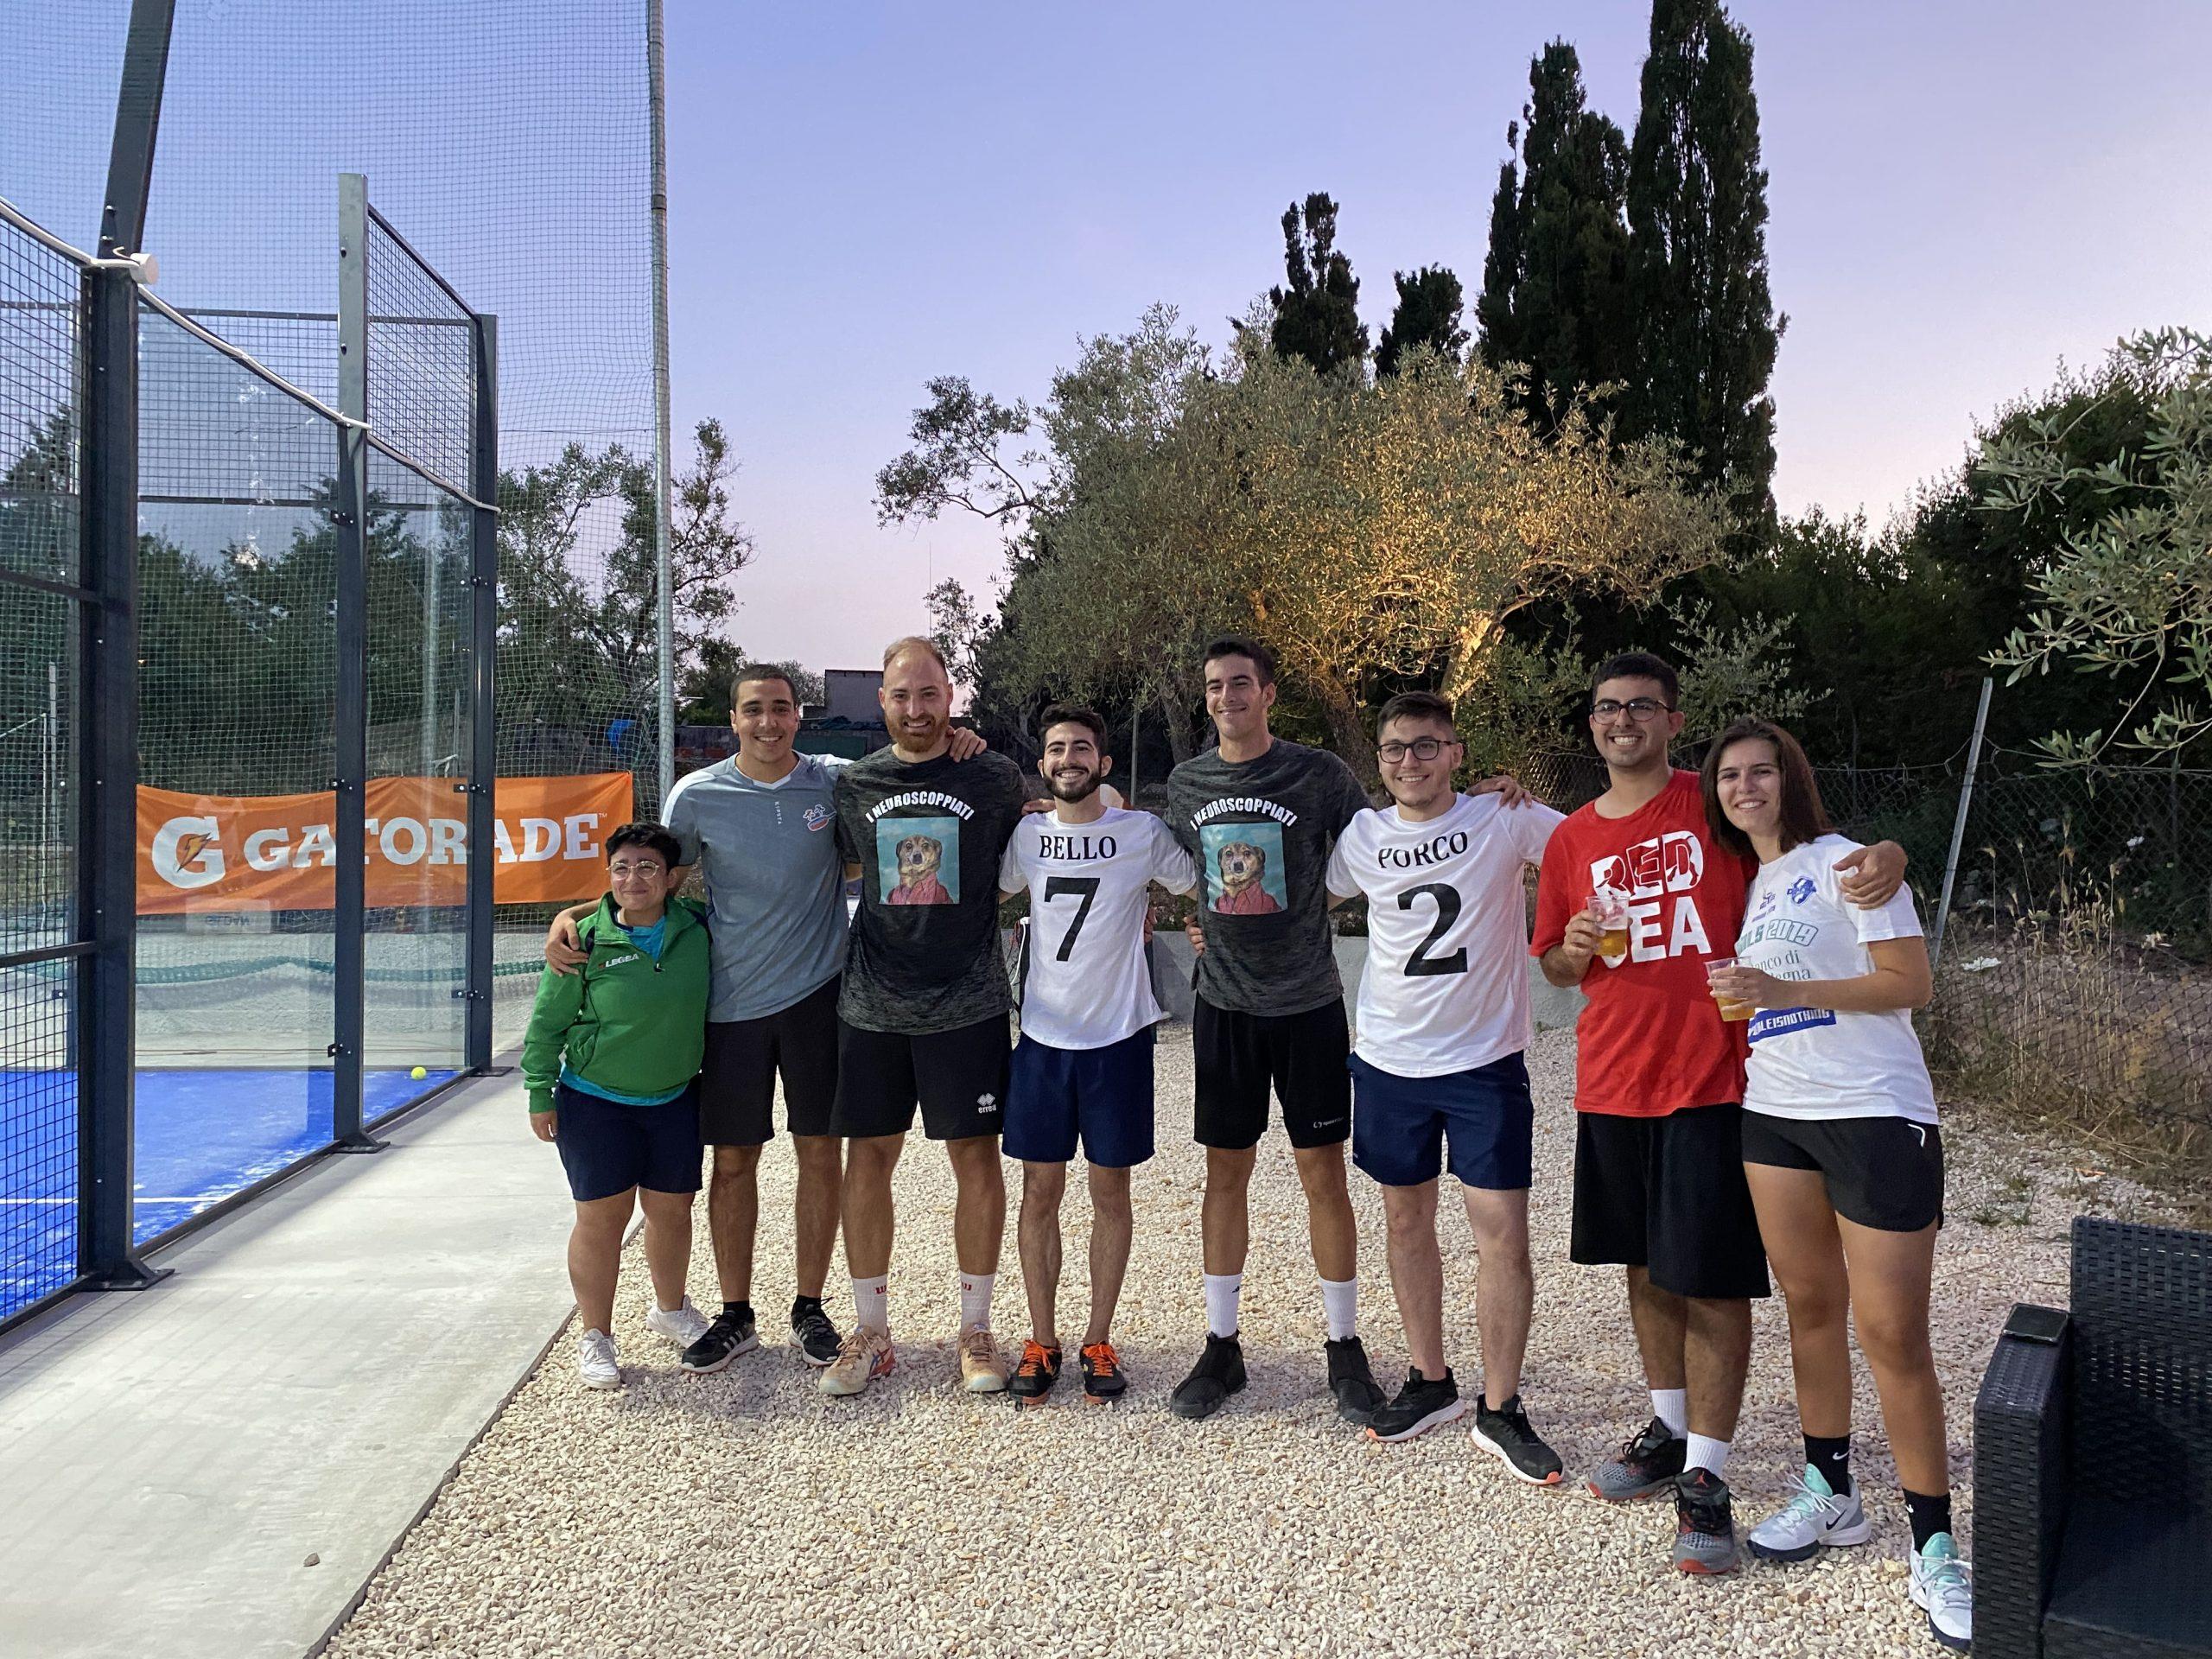 Coppa Uniss: i Neuroscoppiati sconfiggono in finale Viale-Fadda